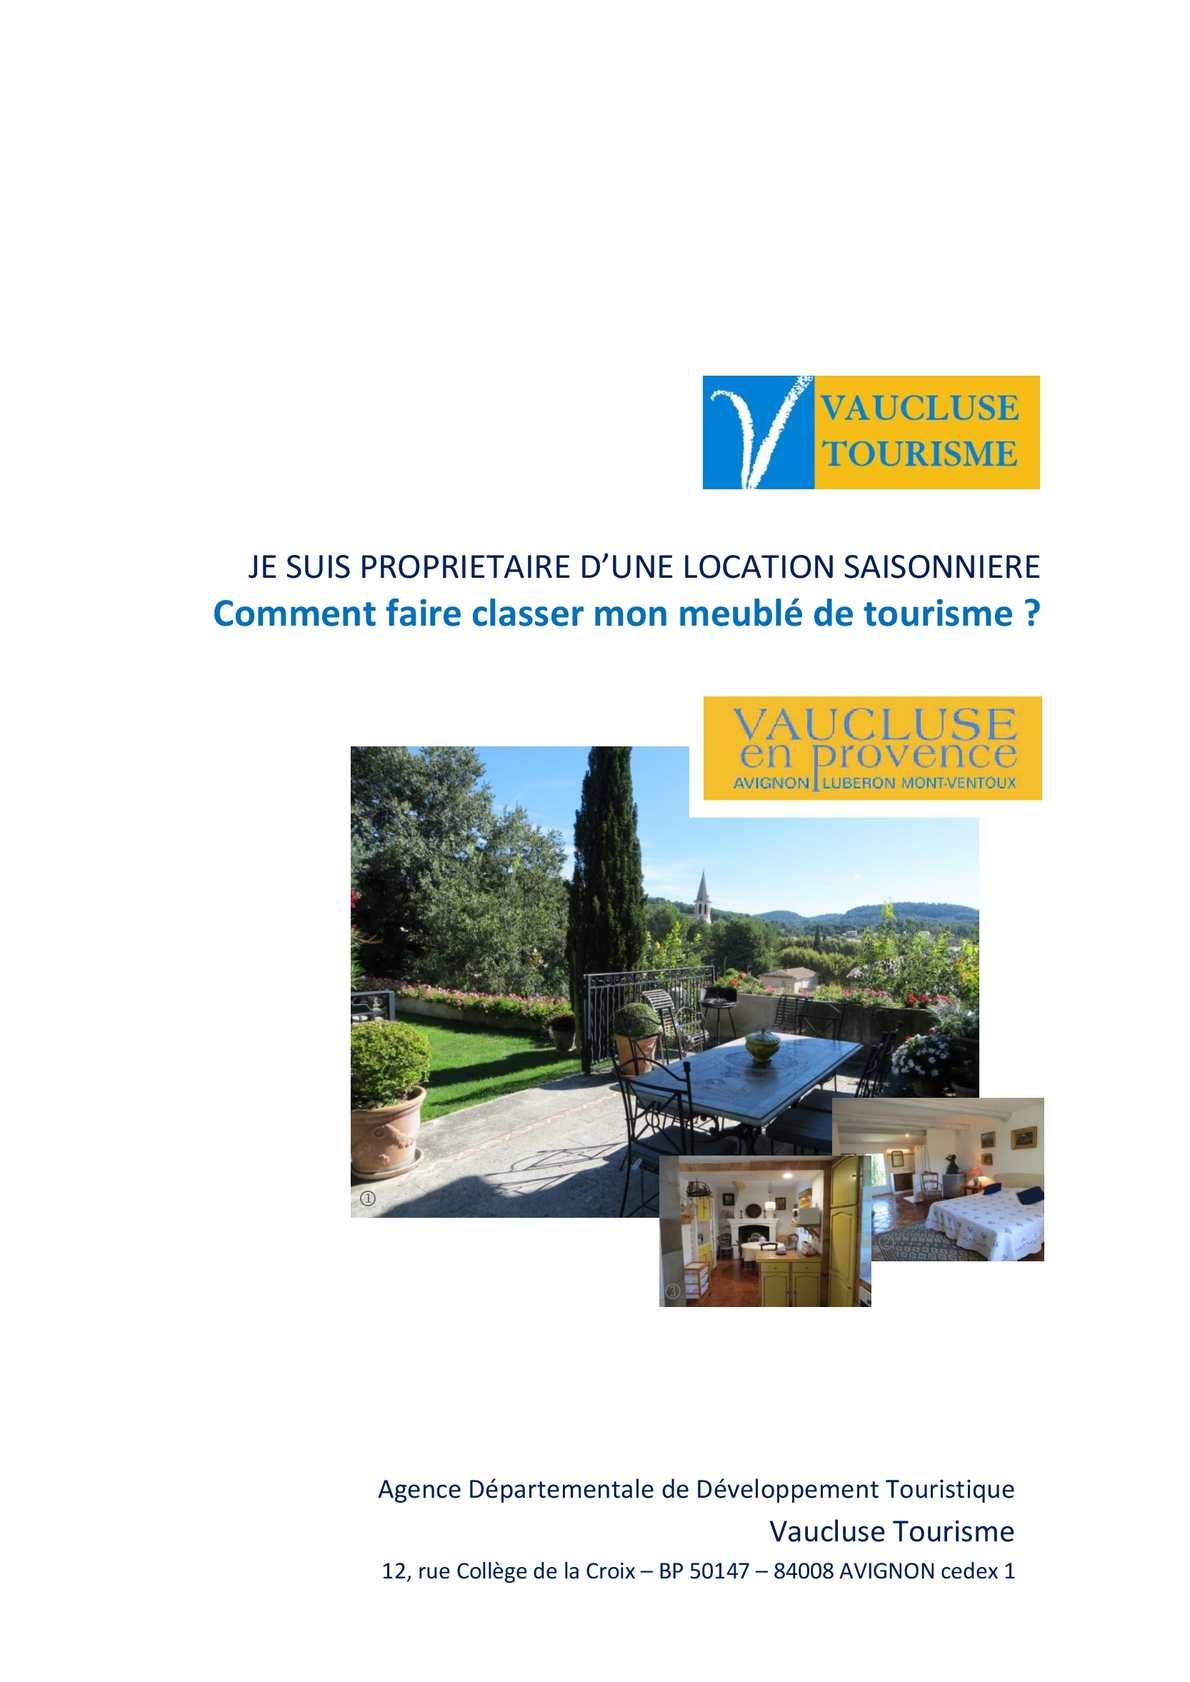 calam o comment faire classer son meubl de tourisme en vaucluse. Black Bedroom Furniture Sets. Home Design Ideas